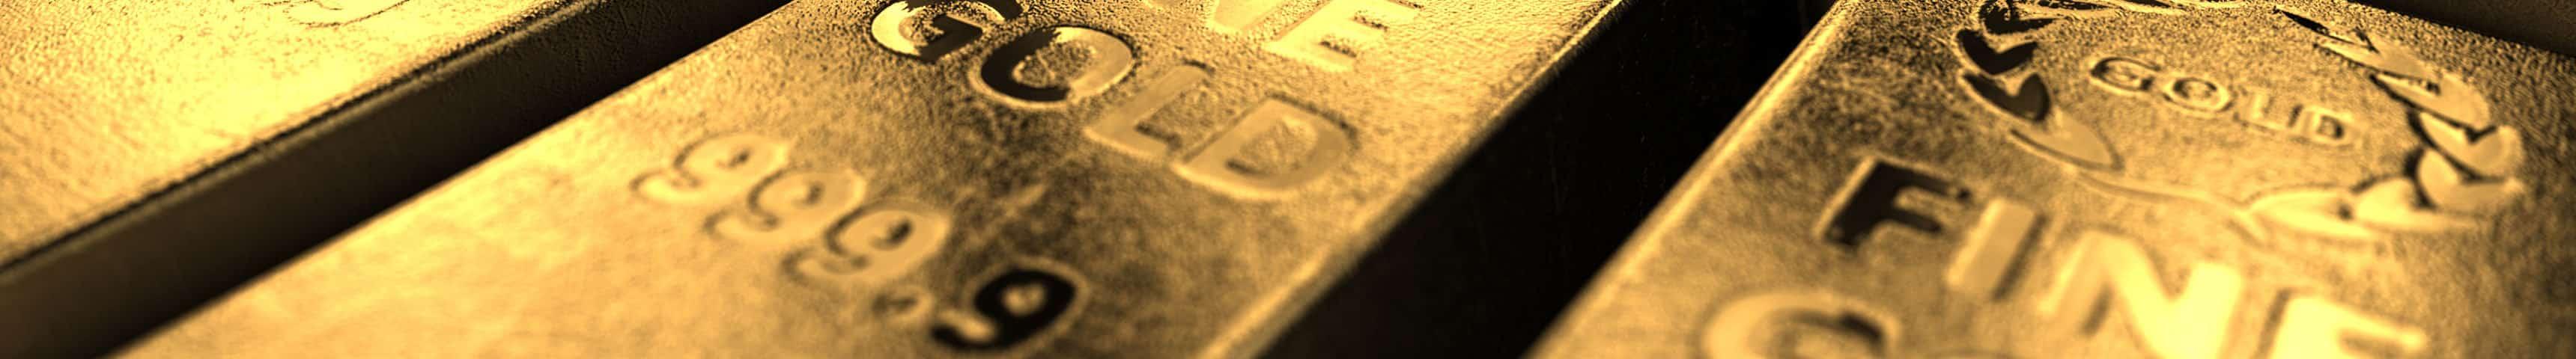 Unternehmensdaten duch Datensicherheit erhalten - Orescanin IT